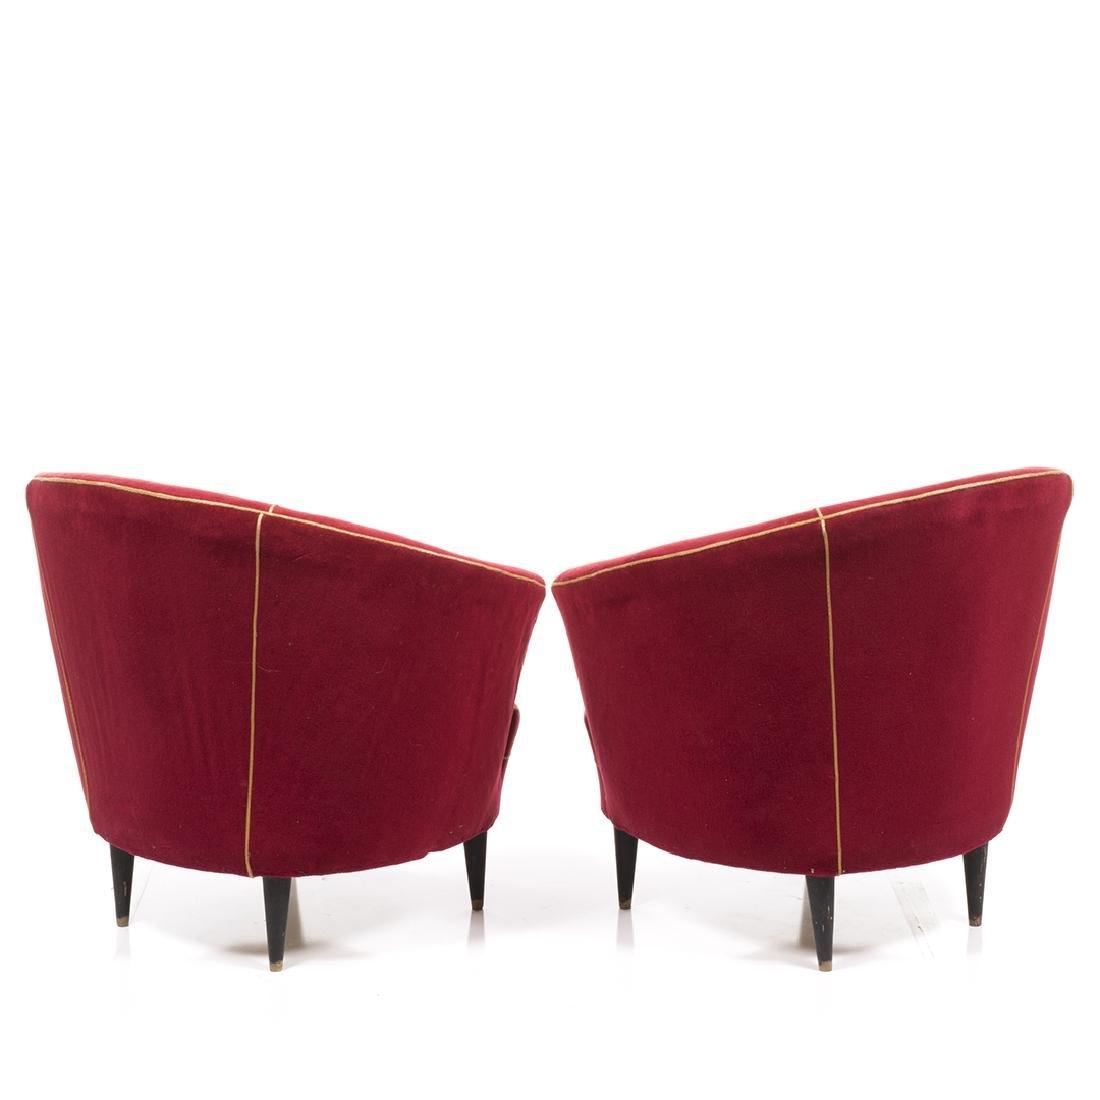 Italian Lounge Chairs (2) - 3